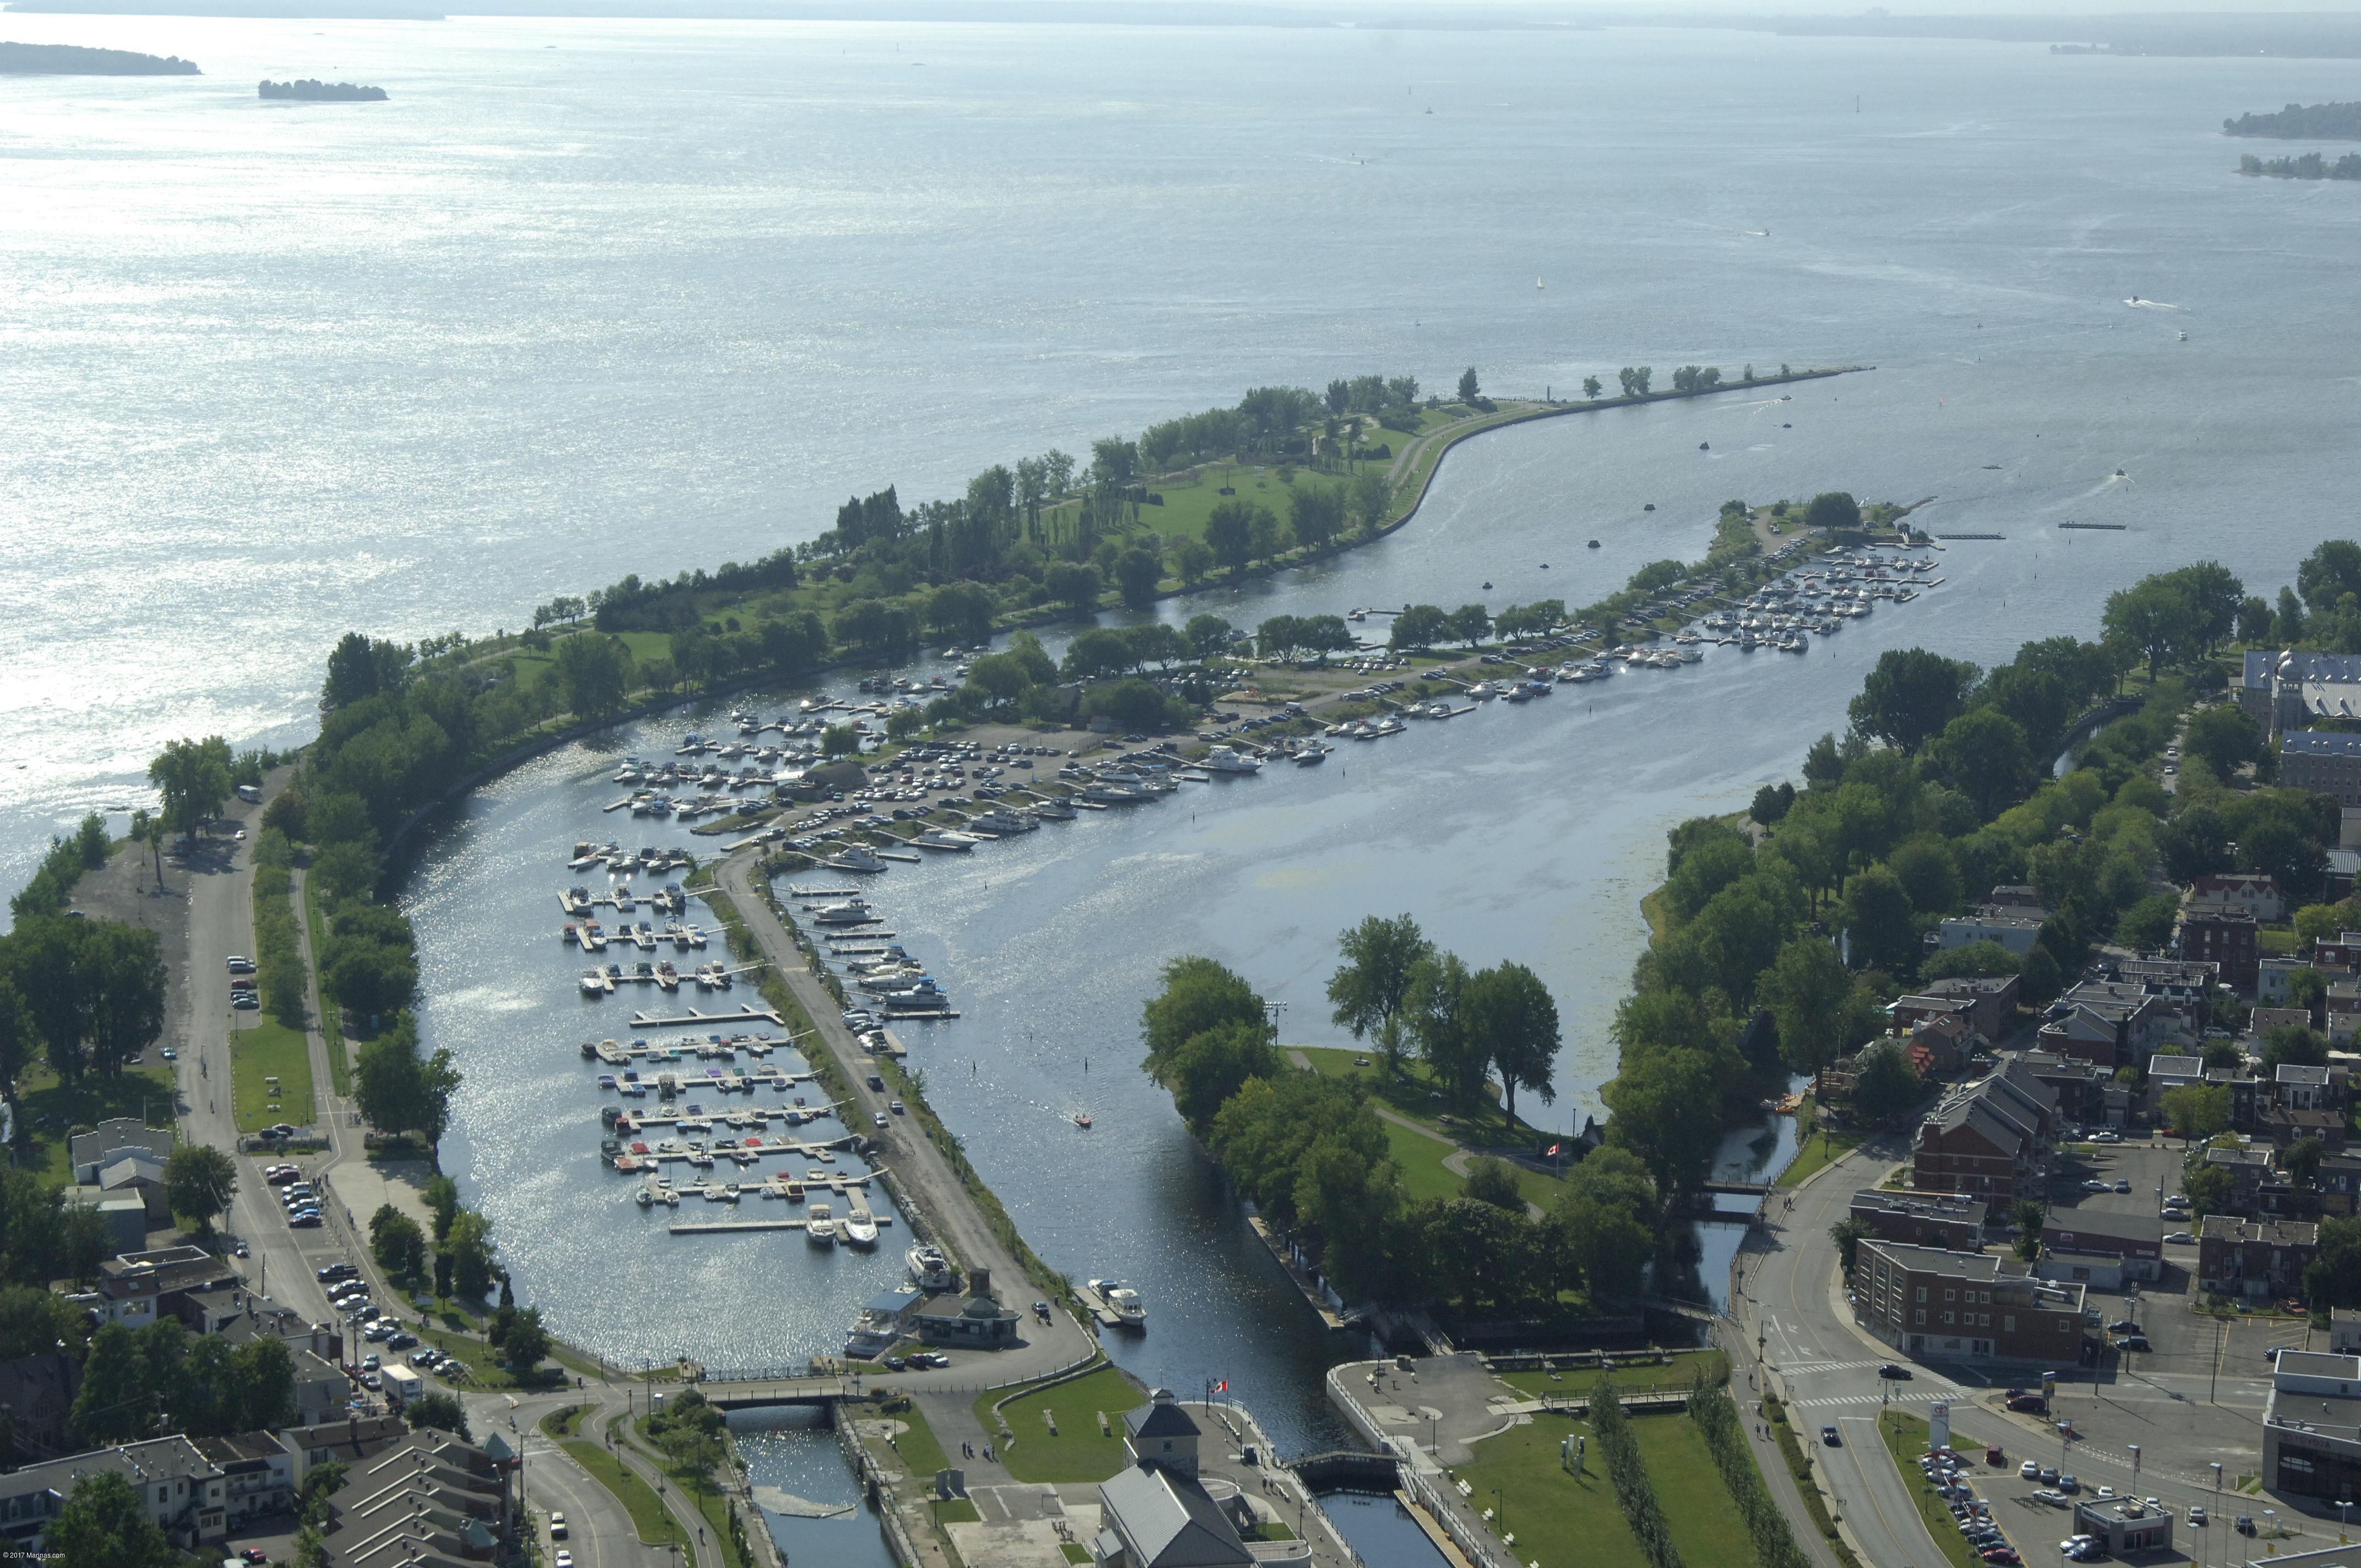 Le port de plaisance de lachine in lachine qc canada for Le jardin de plaisance 87